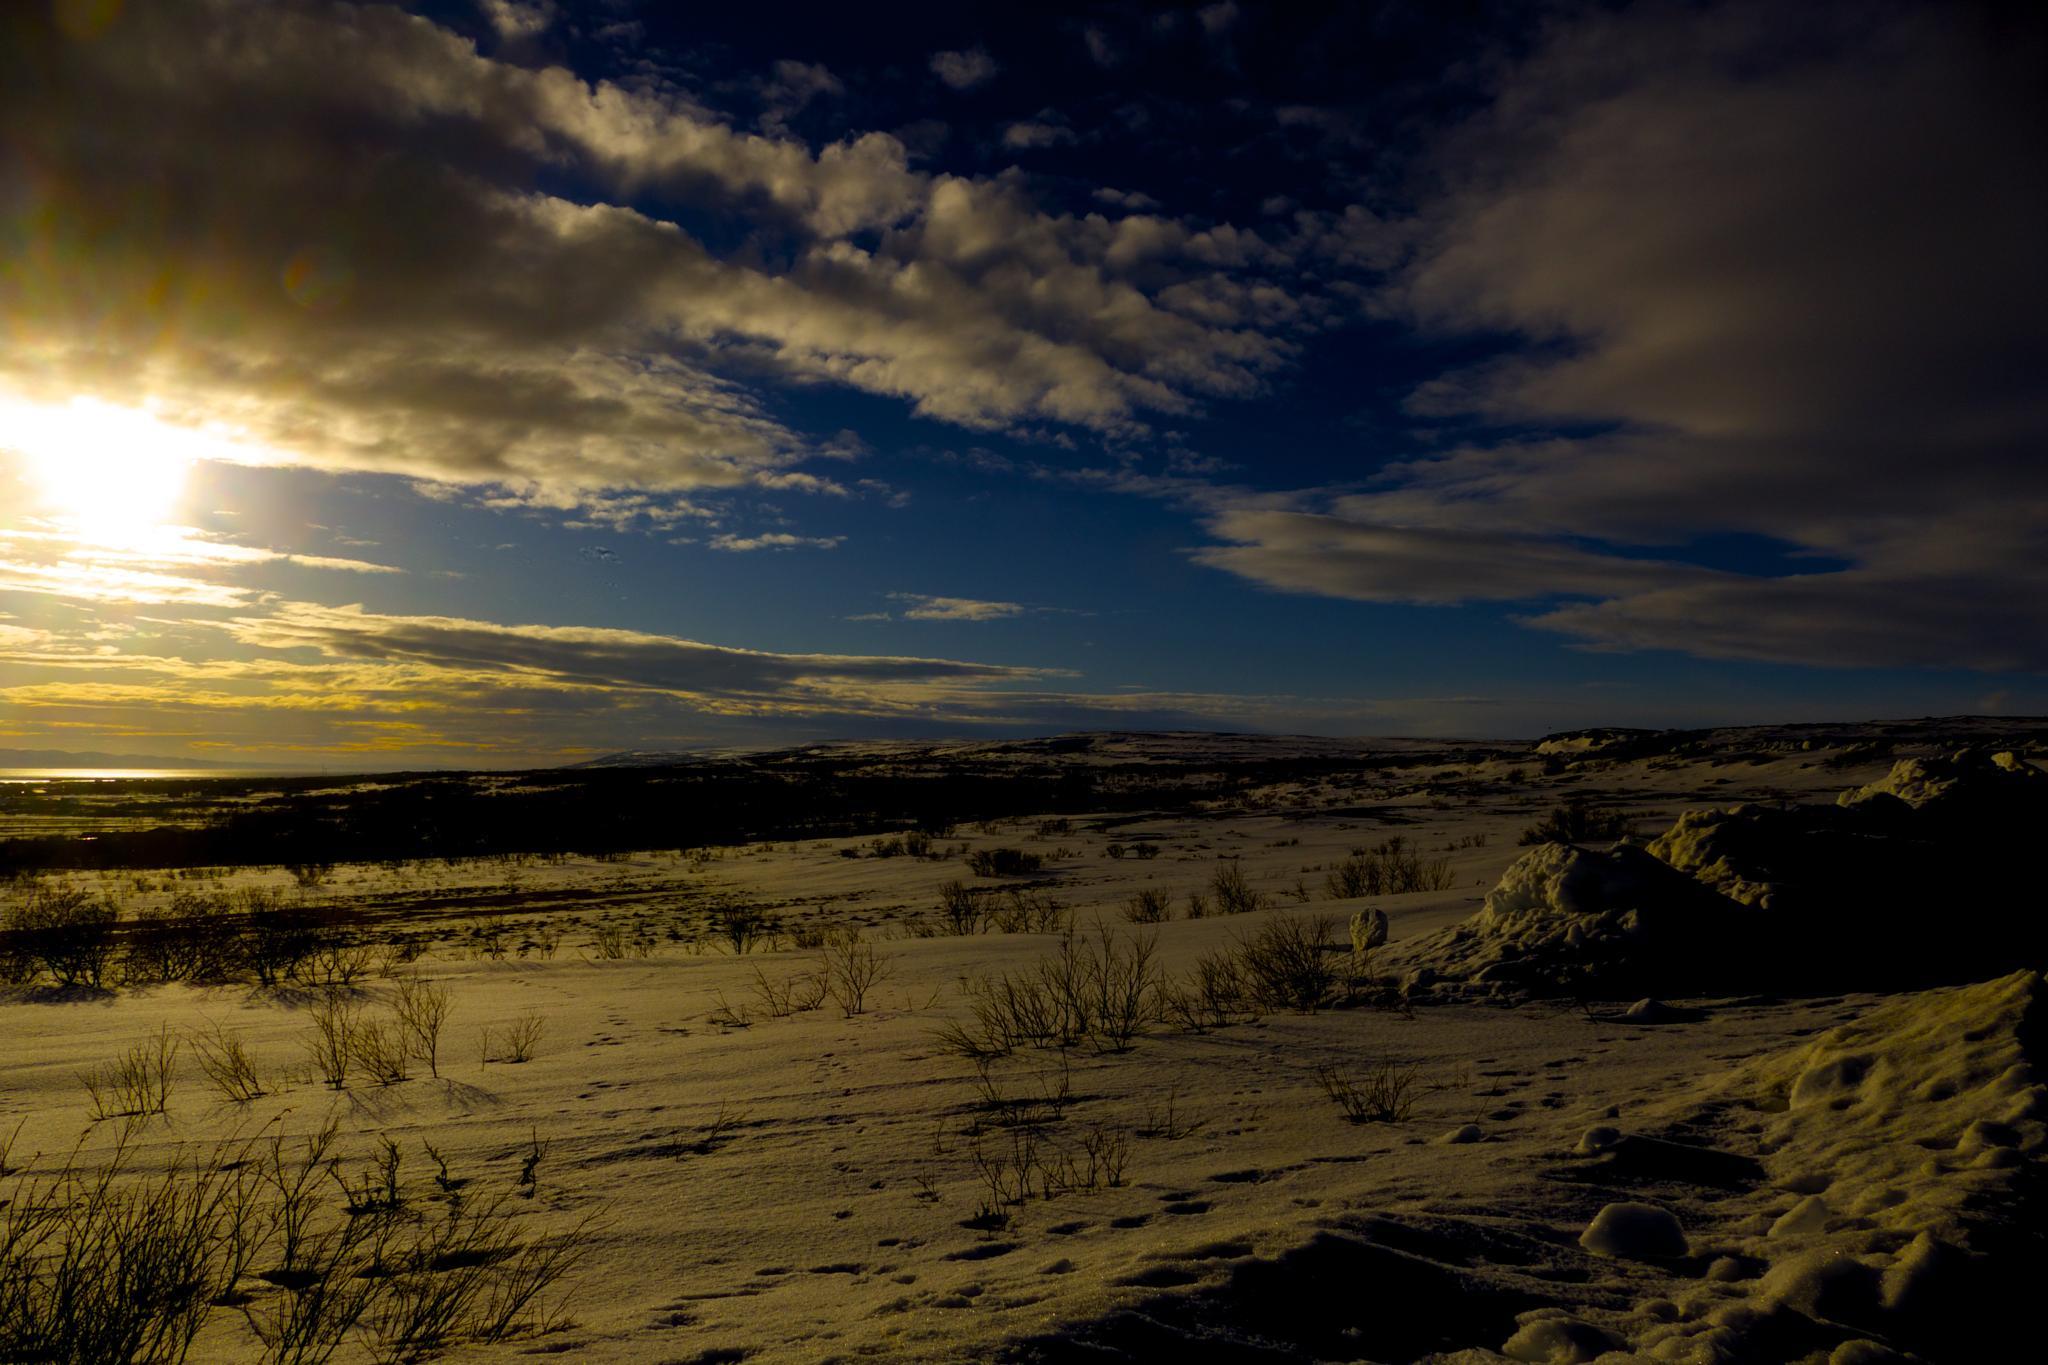 Mmmmm beautiful skyline by OleFoto